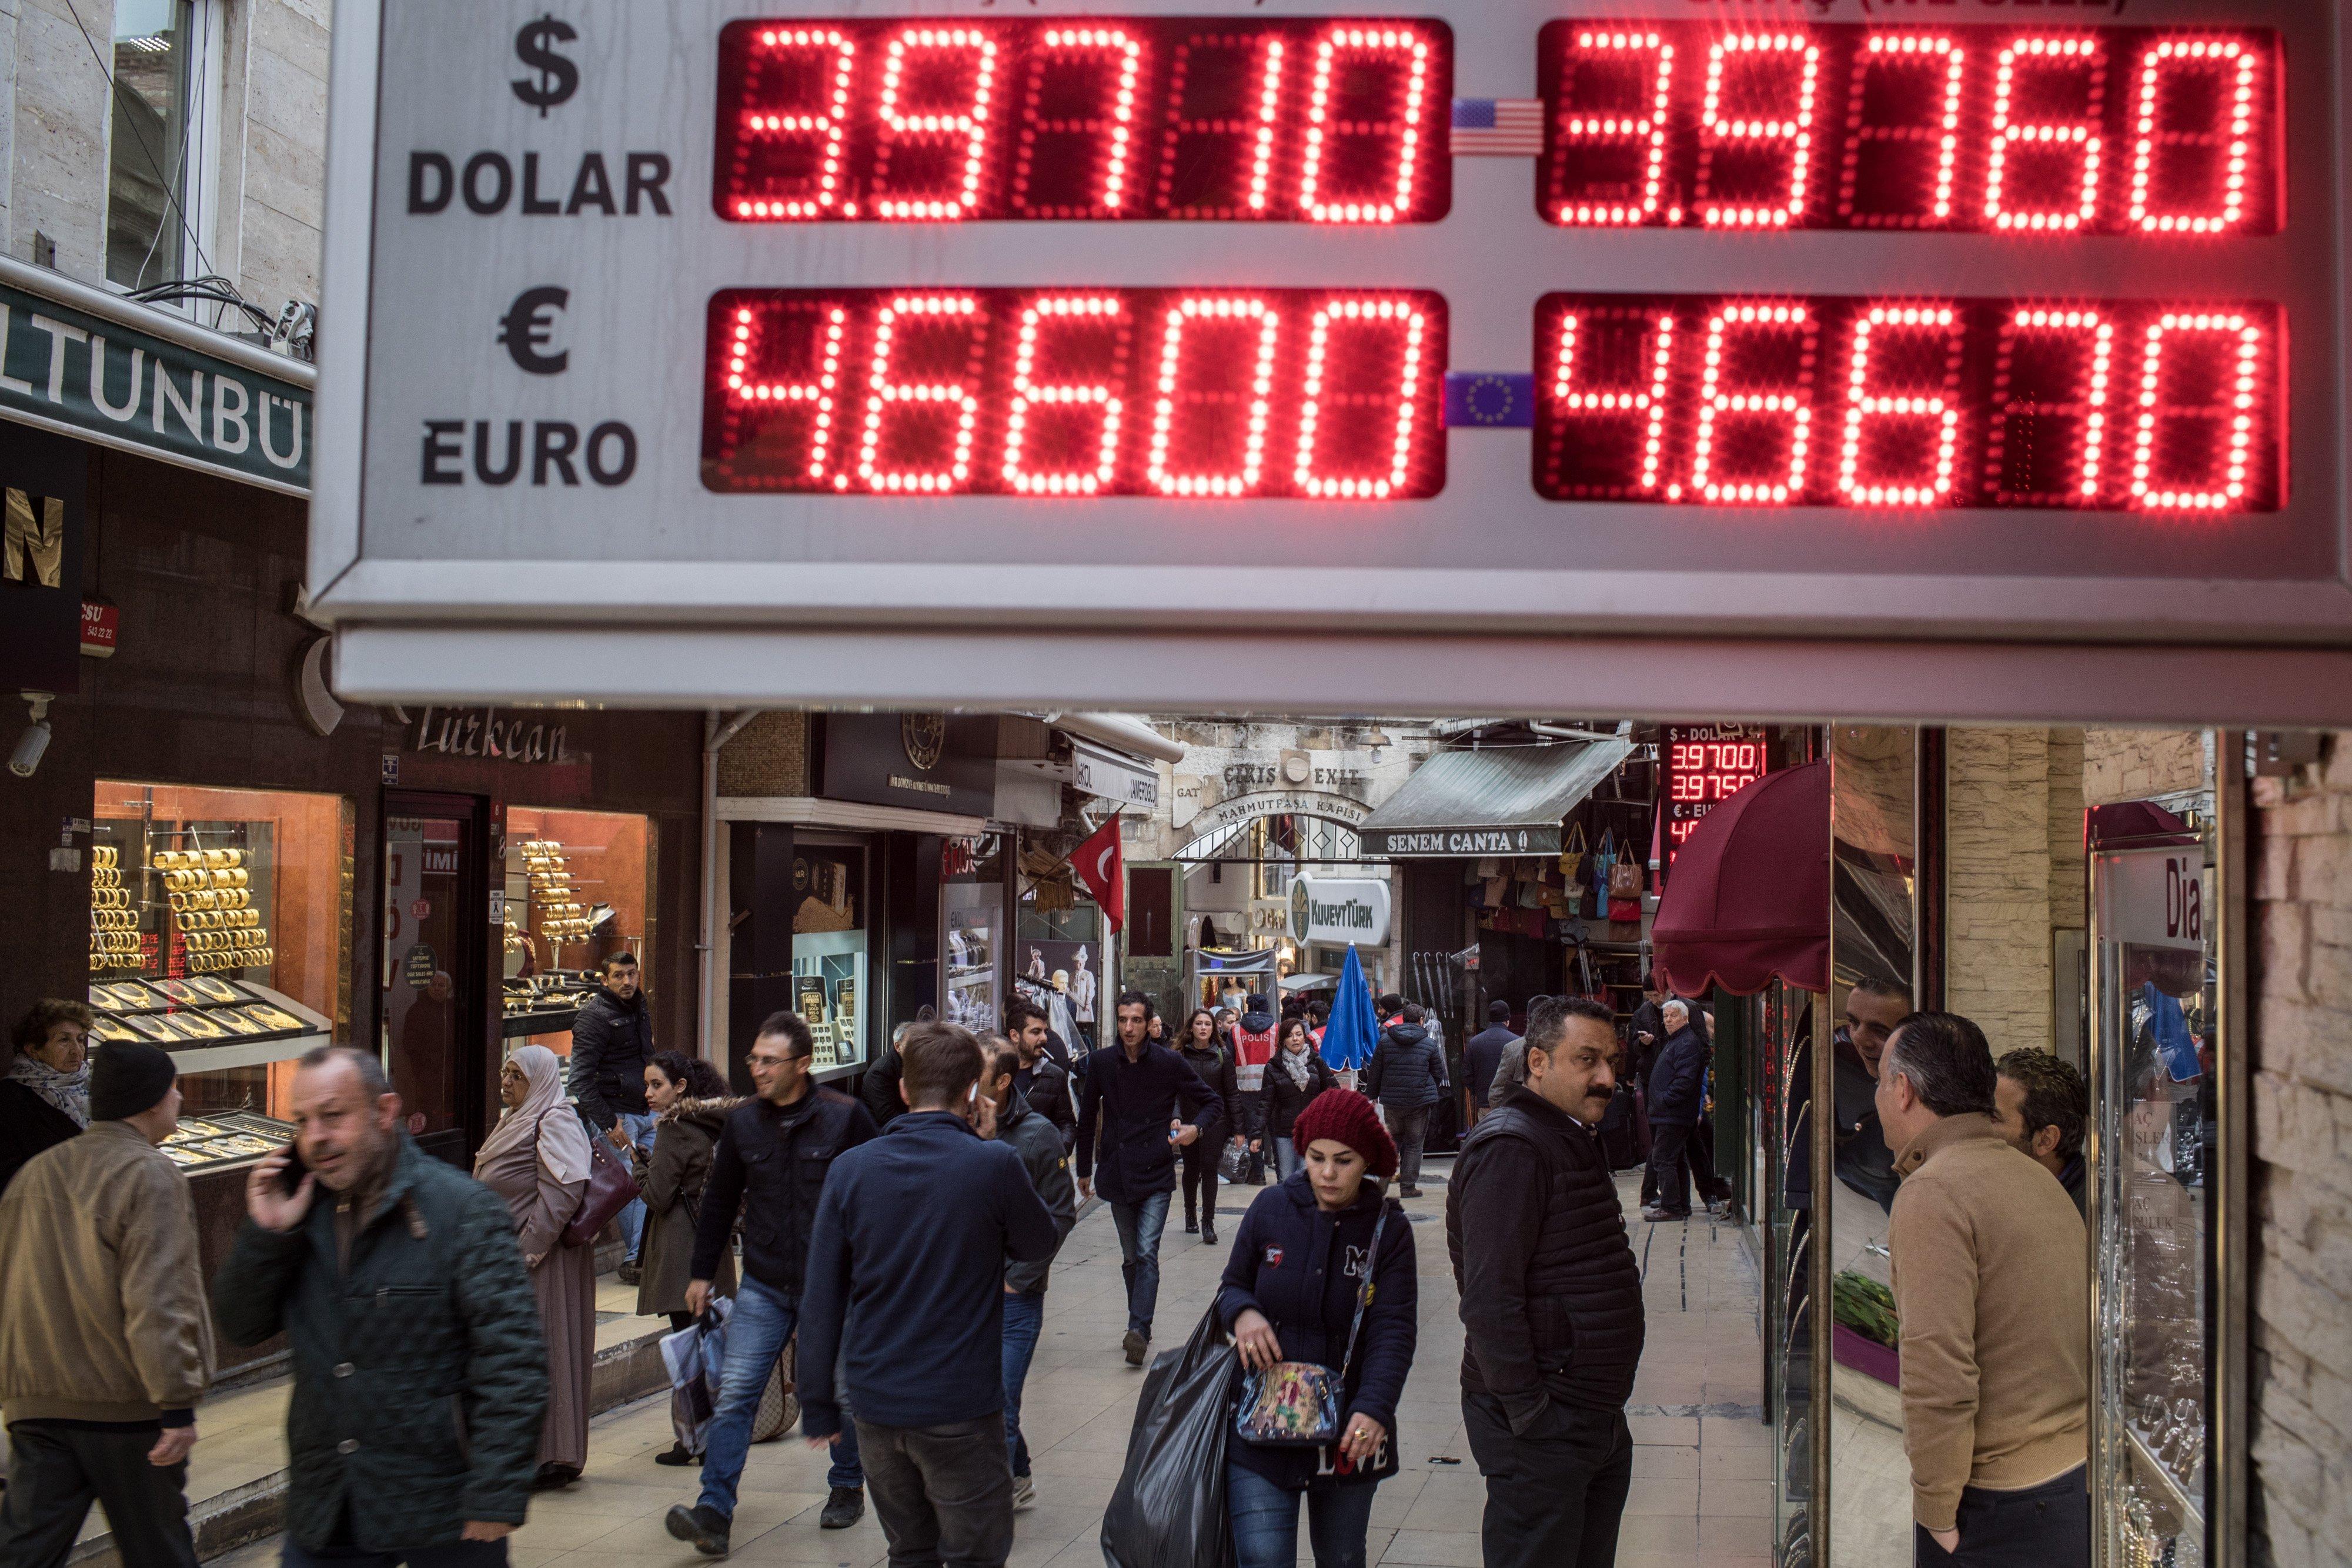 سعر صرف الليرة التركية مقابل الدولار واليورو في 22 نوفمبر / تشرين الثاني الماضي